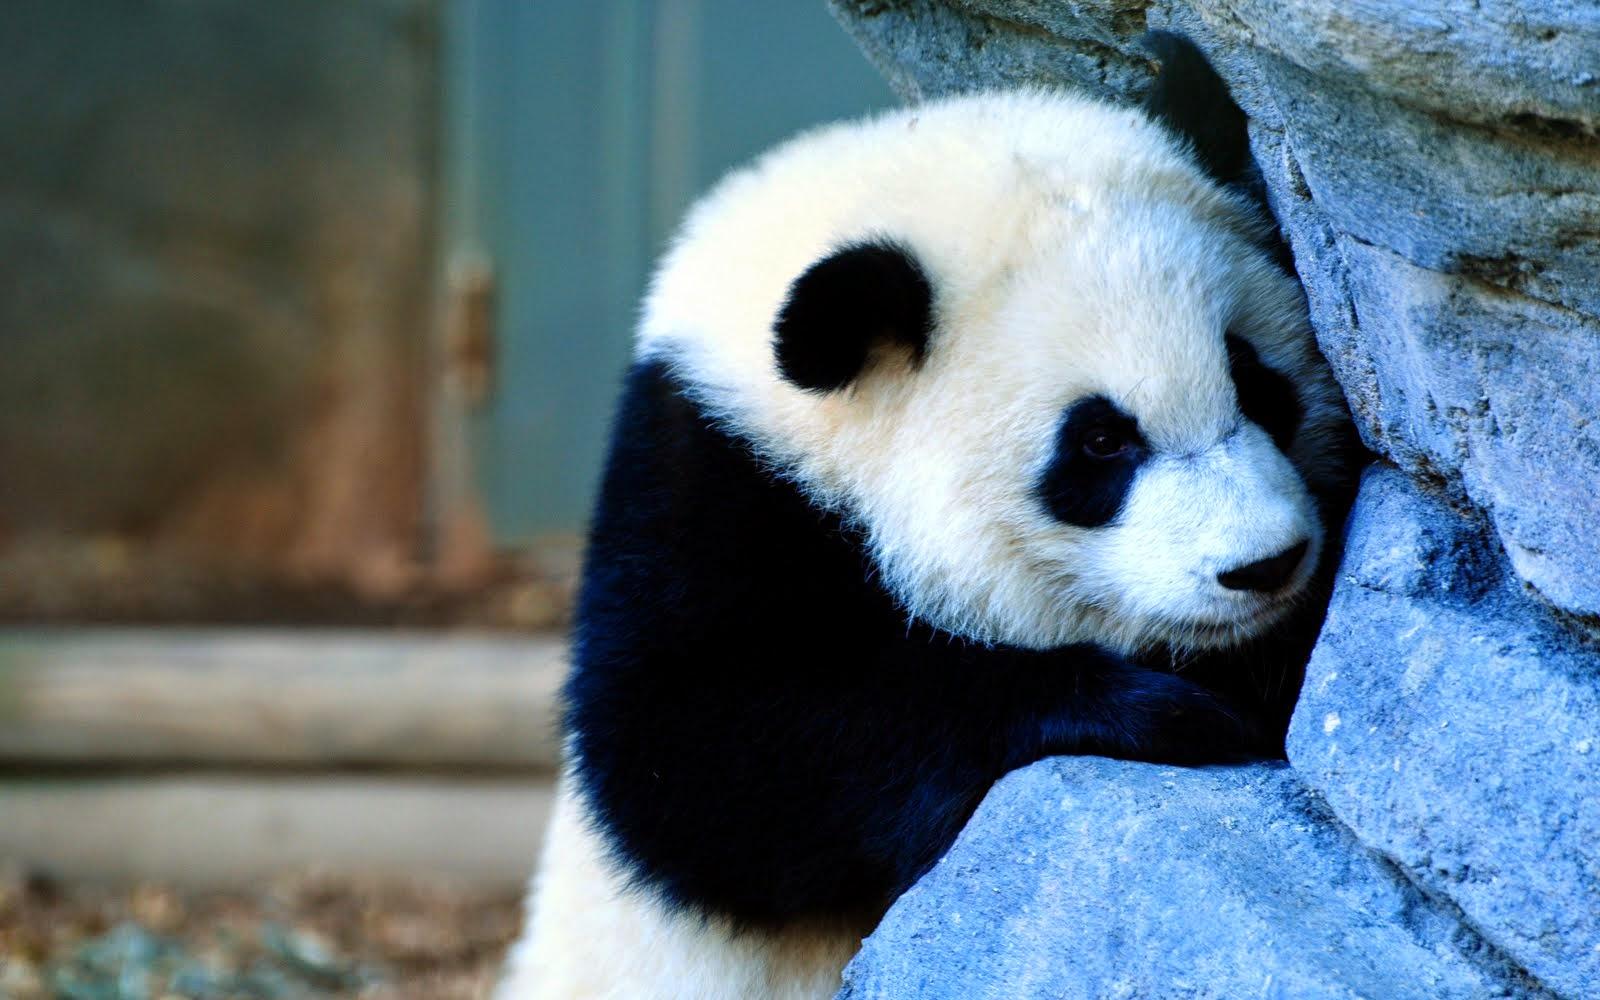 gambar panda lucu gambar panda